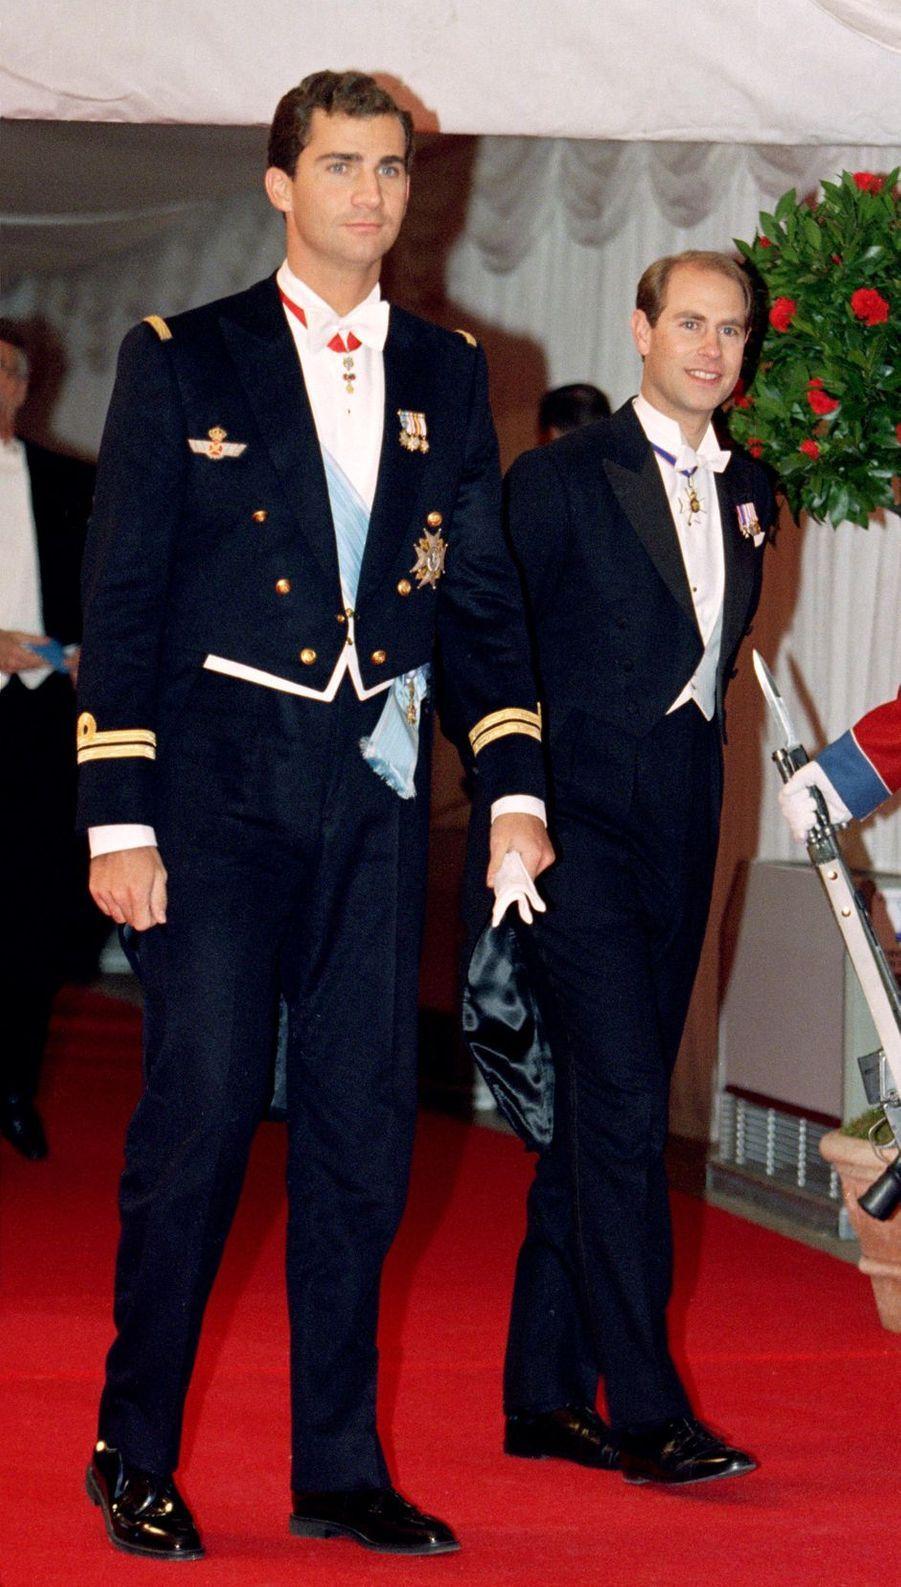 Le prince héritier Felipe d'Espagne et le prince Edward d'Angleterre à Frederiksborg, le 18 novembre 1995